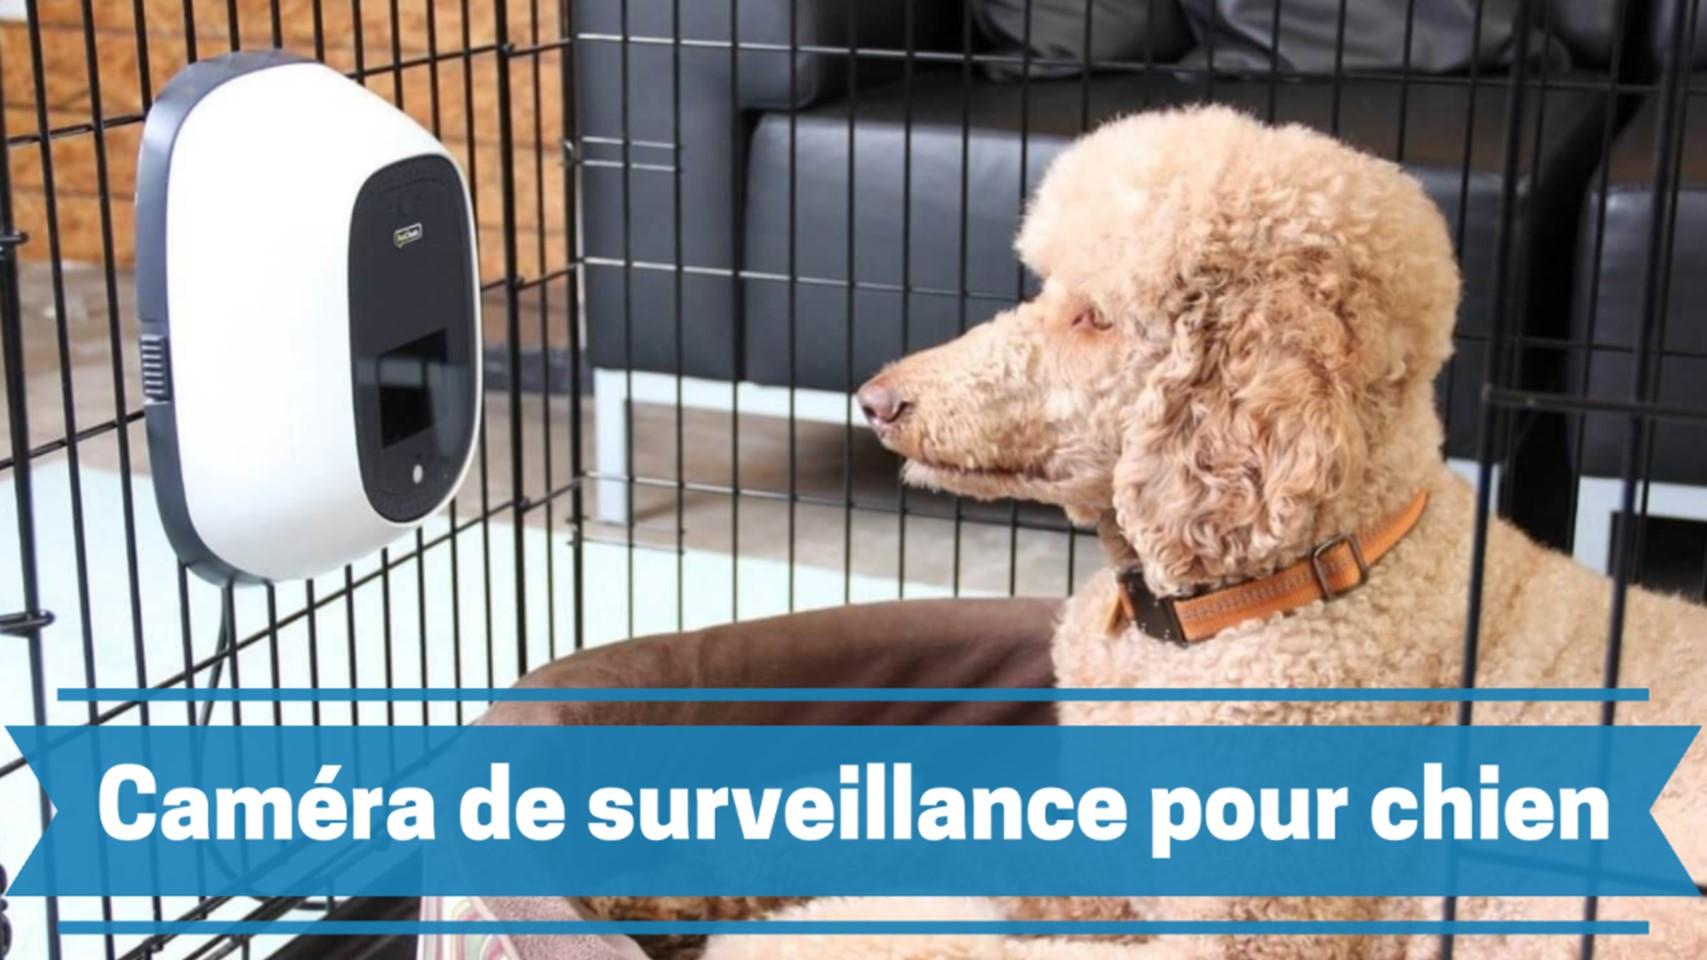 Meilleure caméra de surveillance pour chien comparatif guide achat avis